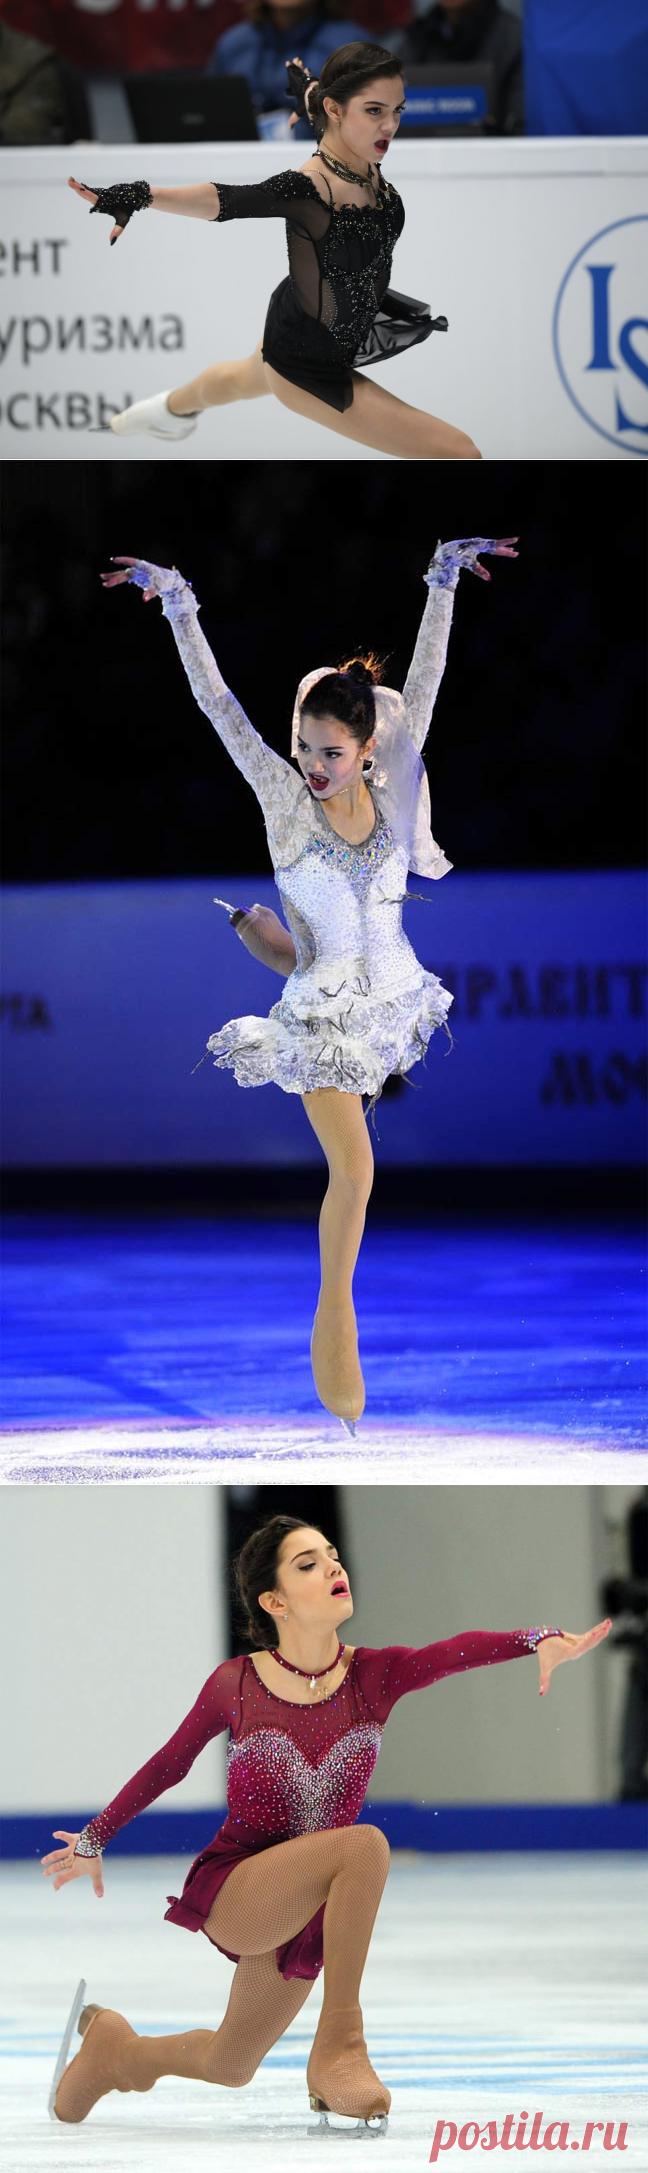 Медведева попала в список величайших фигуристов от Yardbarker, Загитова — нет — Новости Фигурного катания — Зимние - Спорт Mail.ru